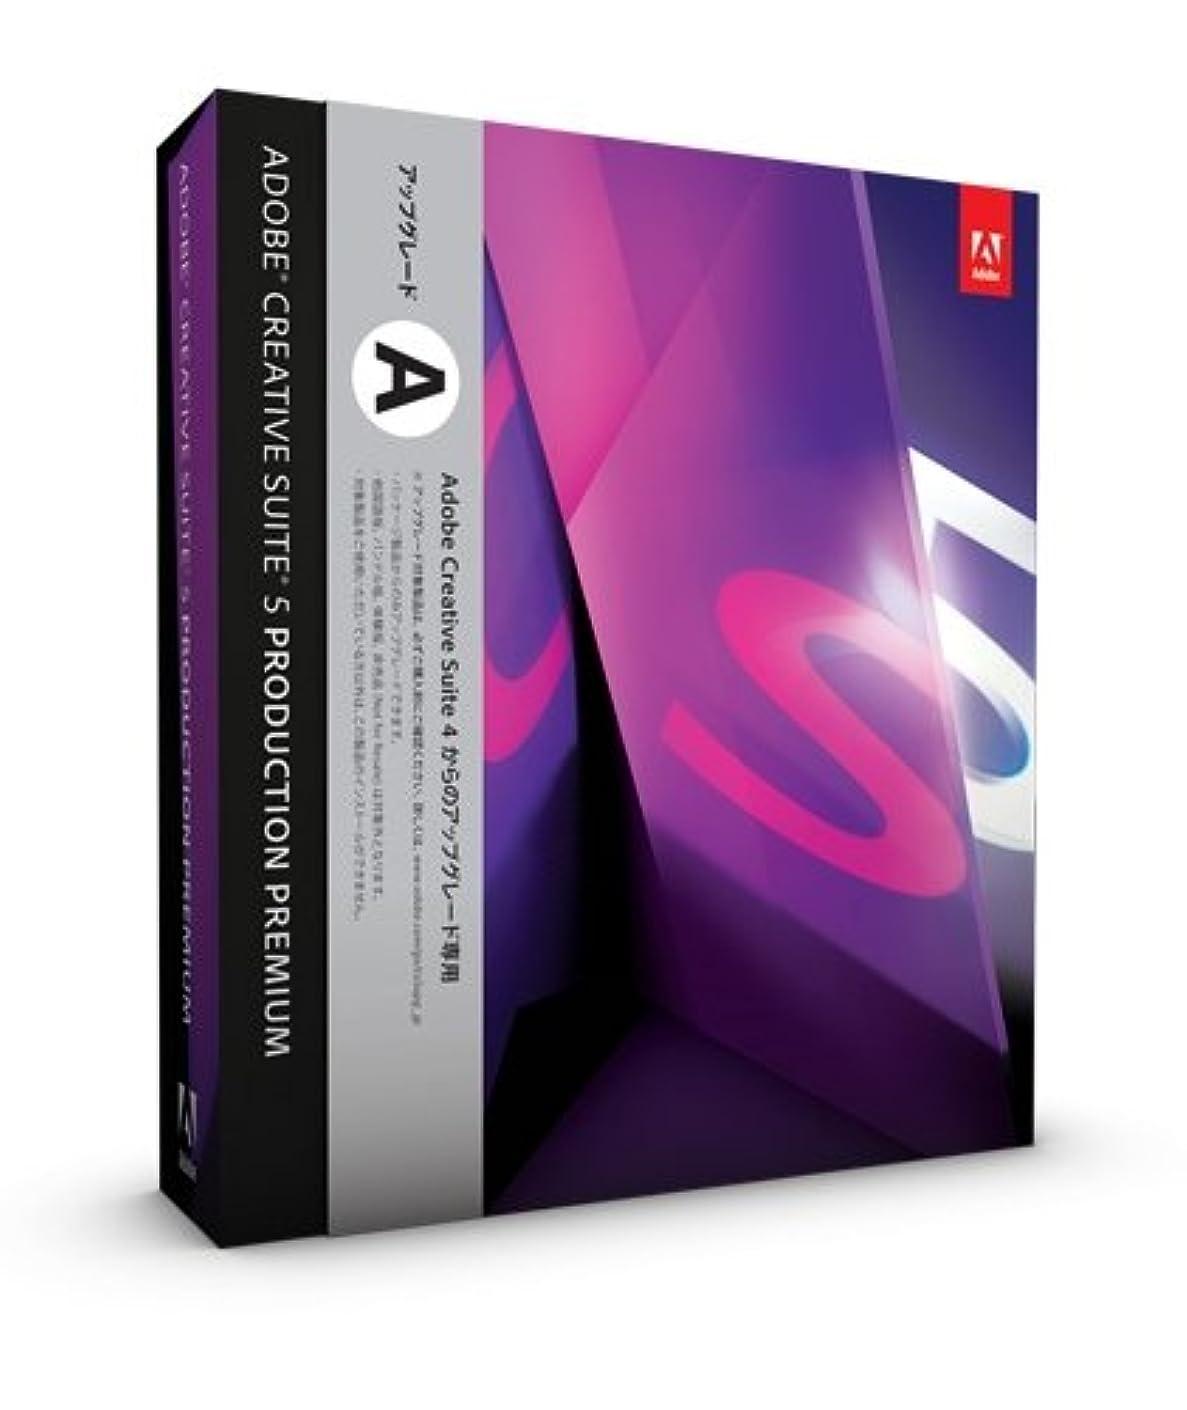 ピッチャードームグラフィックAdobe Creative Suite 5 Production Premium アップグレード版A Windows版 (旧製品)